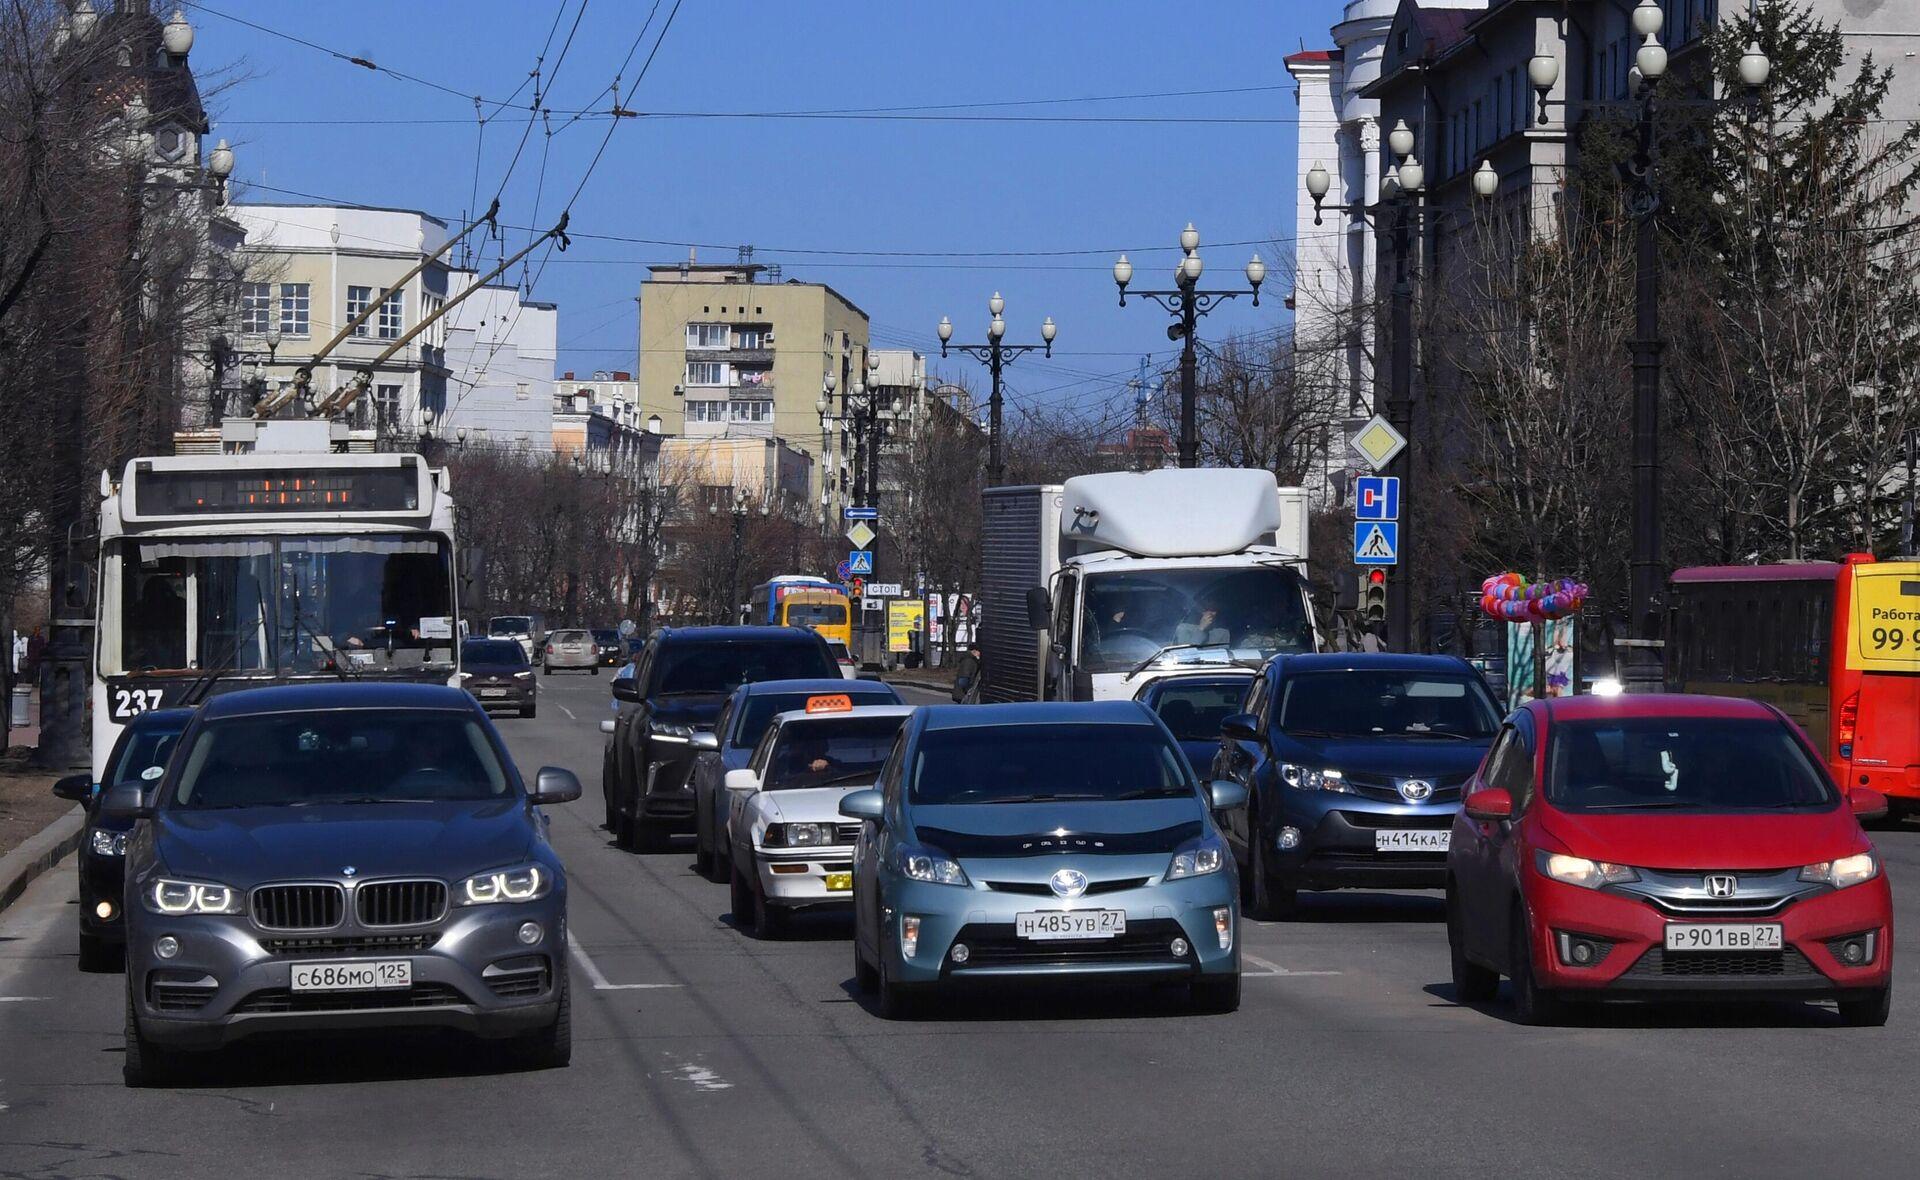 Льготы по транспортному налогу в 2021: какие положены и как получить